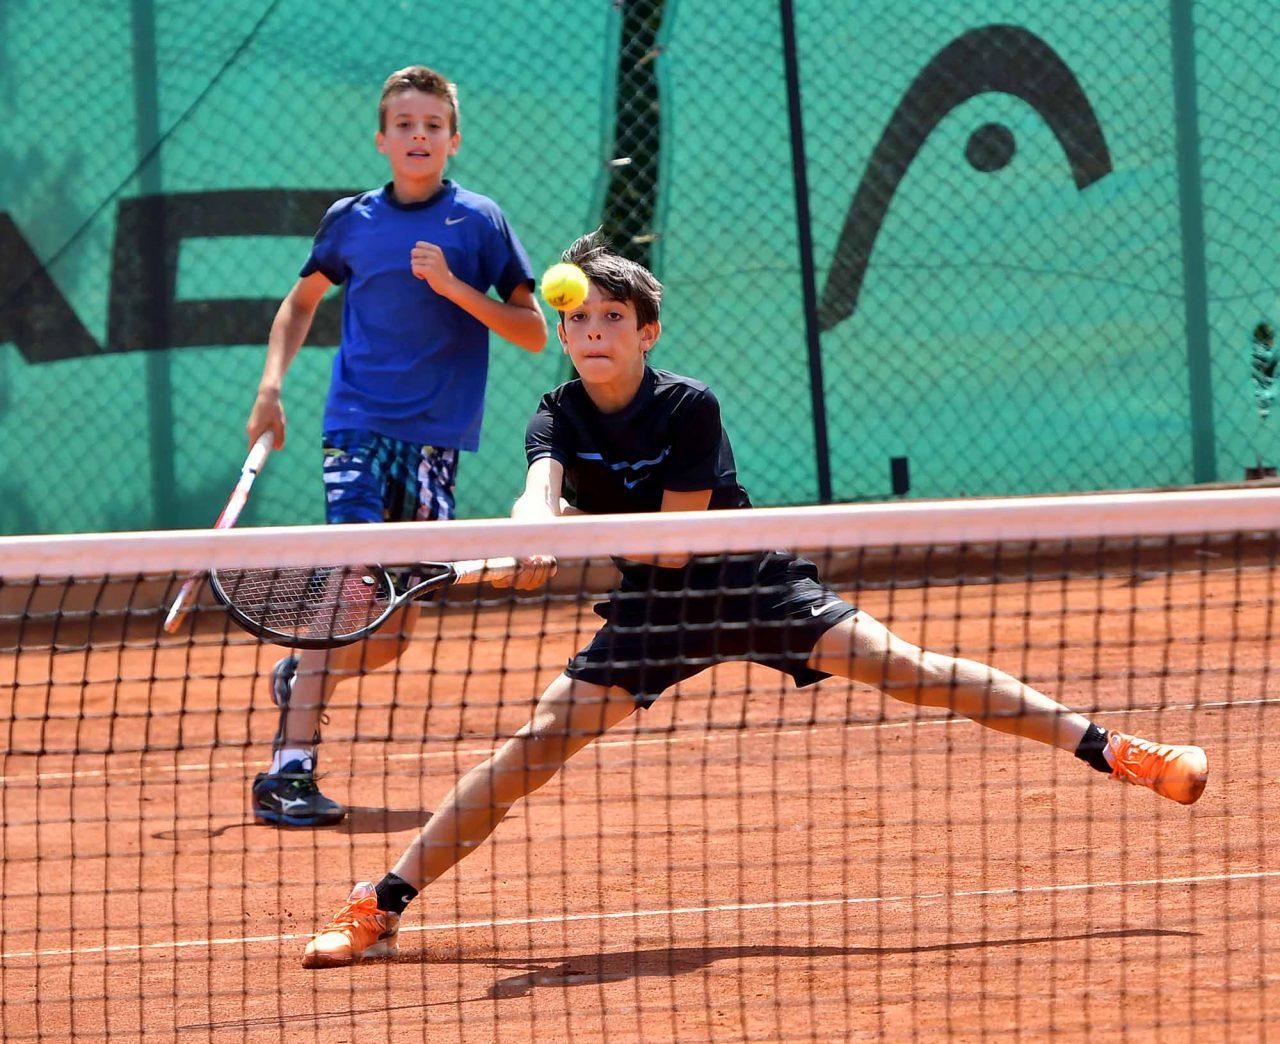 Държавно първенство тенис до 14 год. ТК 15-40 финал двойки (14)